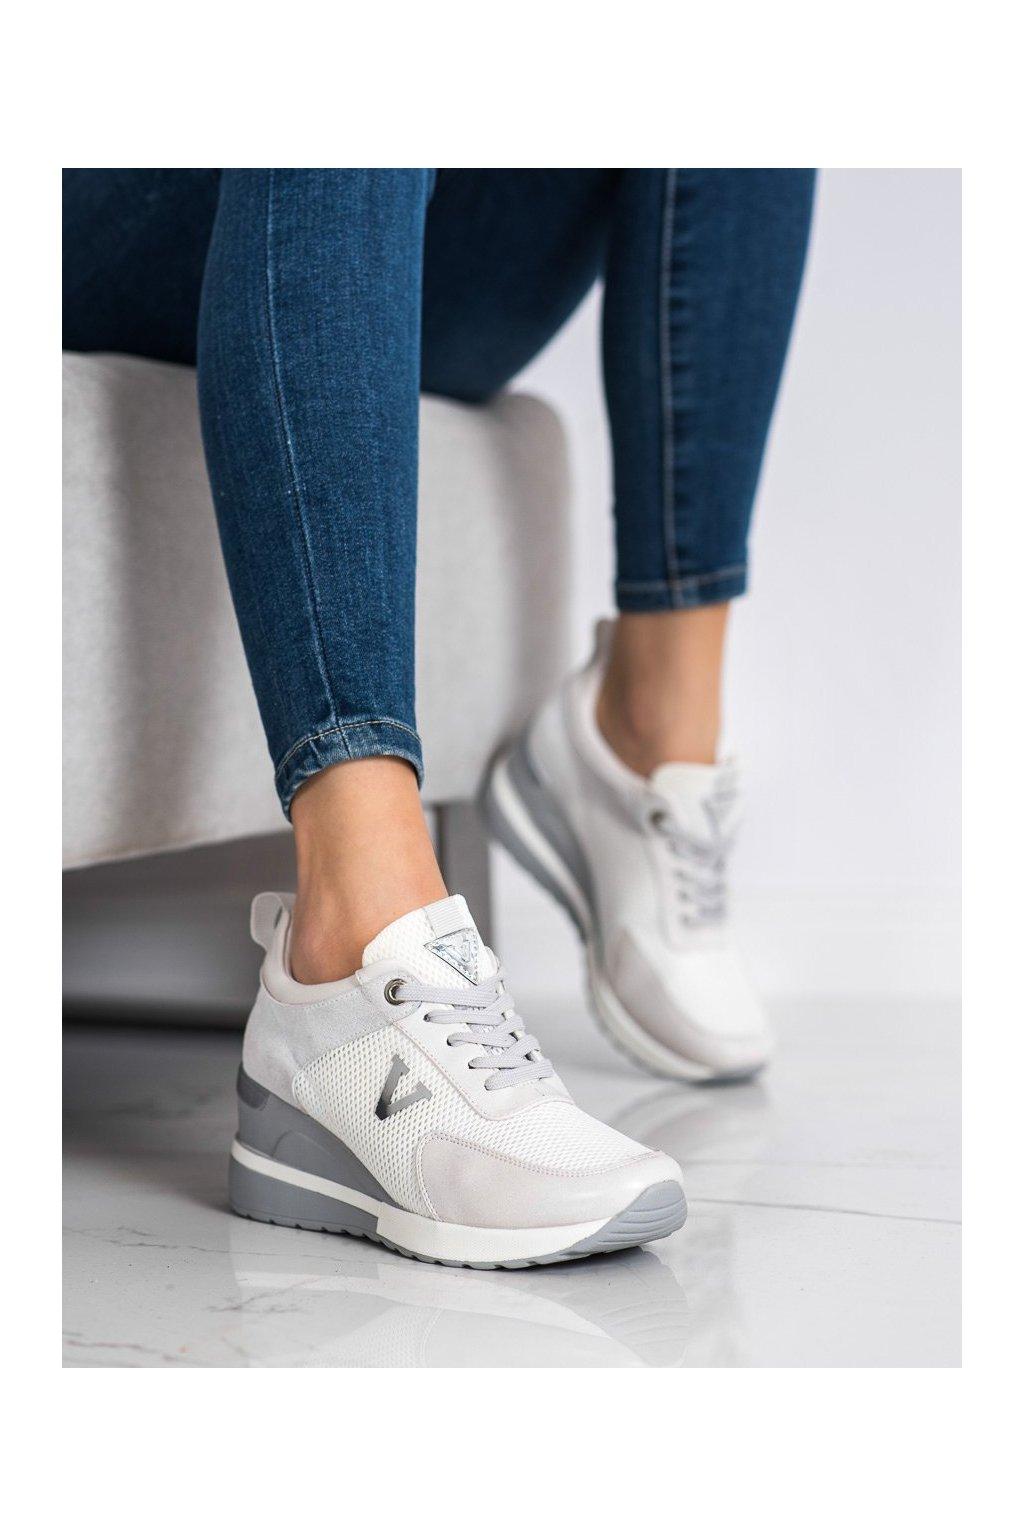 Sivé tenisky Vinceza kod XY21-10590G